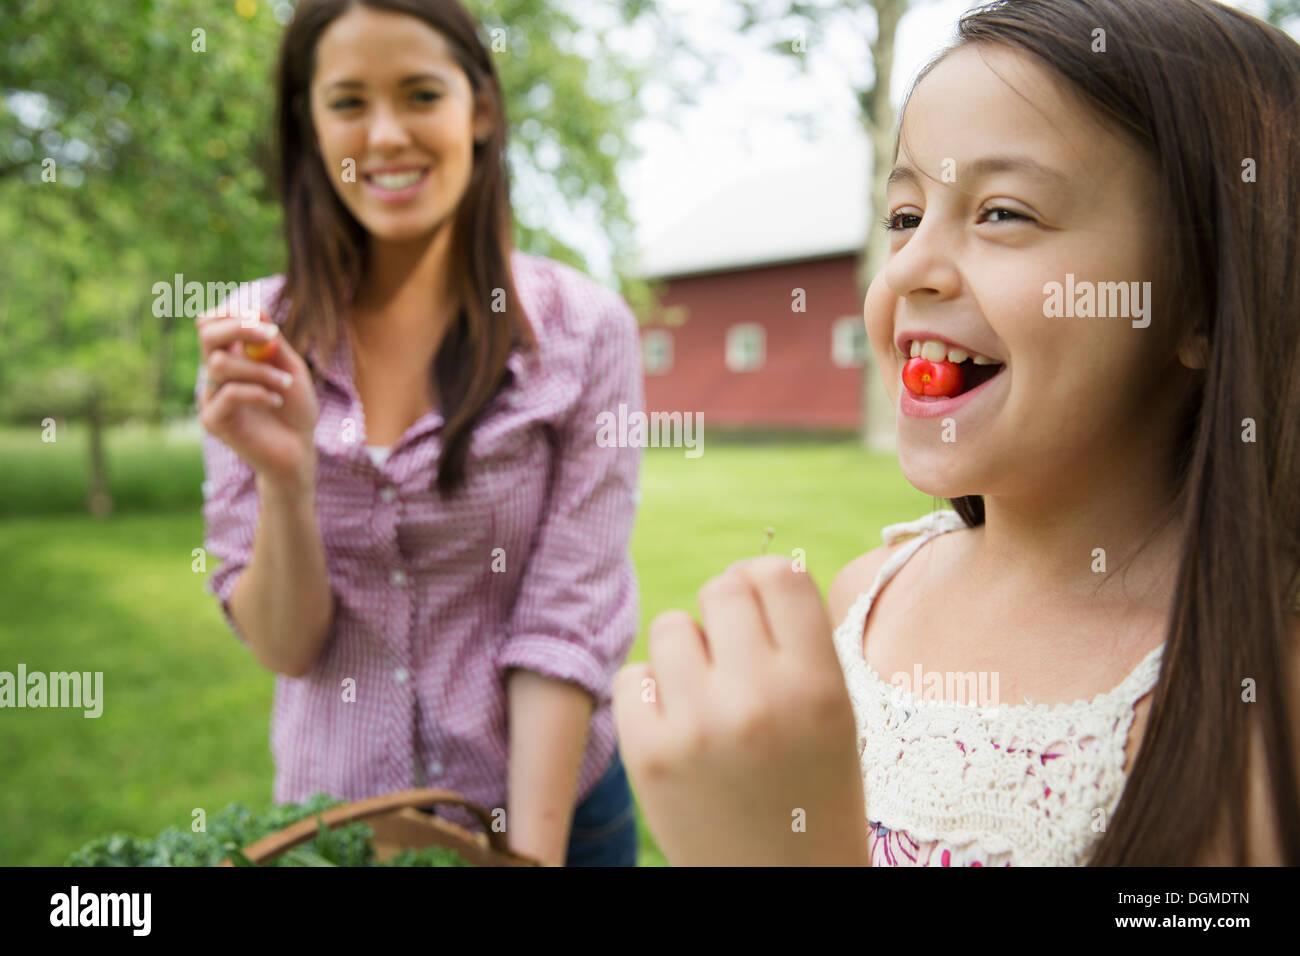 Familienfest. Ein Kind mit einer frische Kirschen zwischen den Zähnen. Eine junge Frau, beobachtete sie und lacht. Stockbild